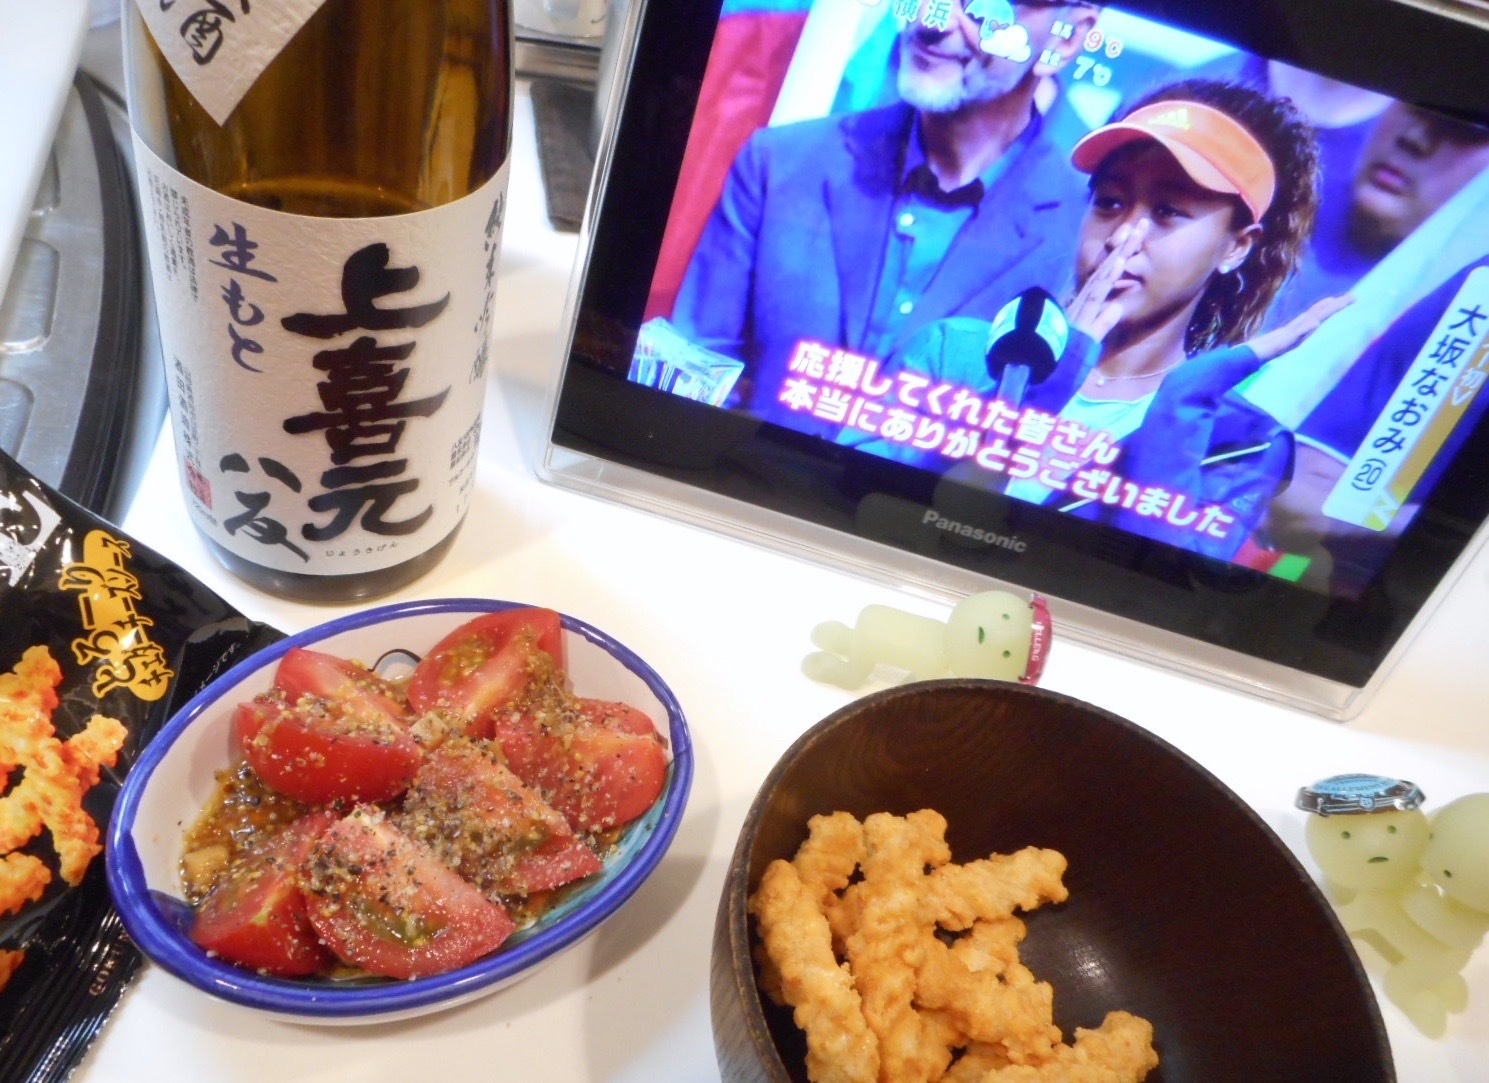 joukigen_kimoto_hattan28by4_5.jpg